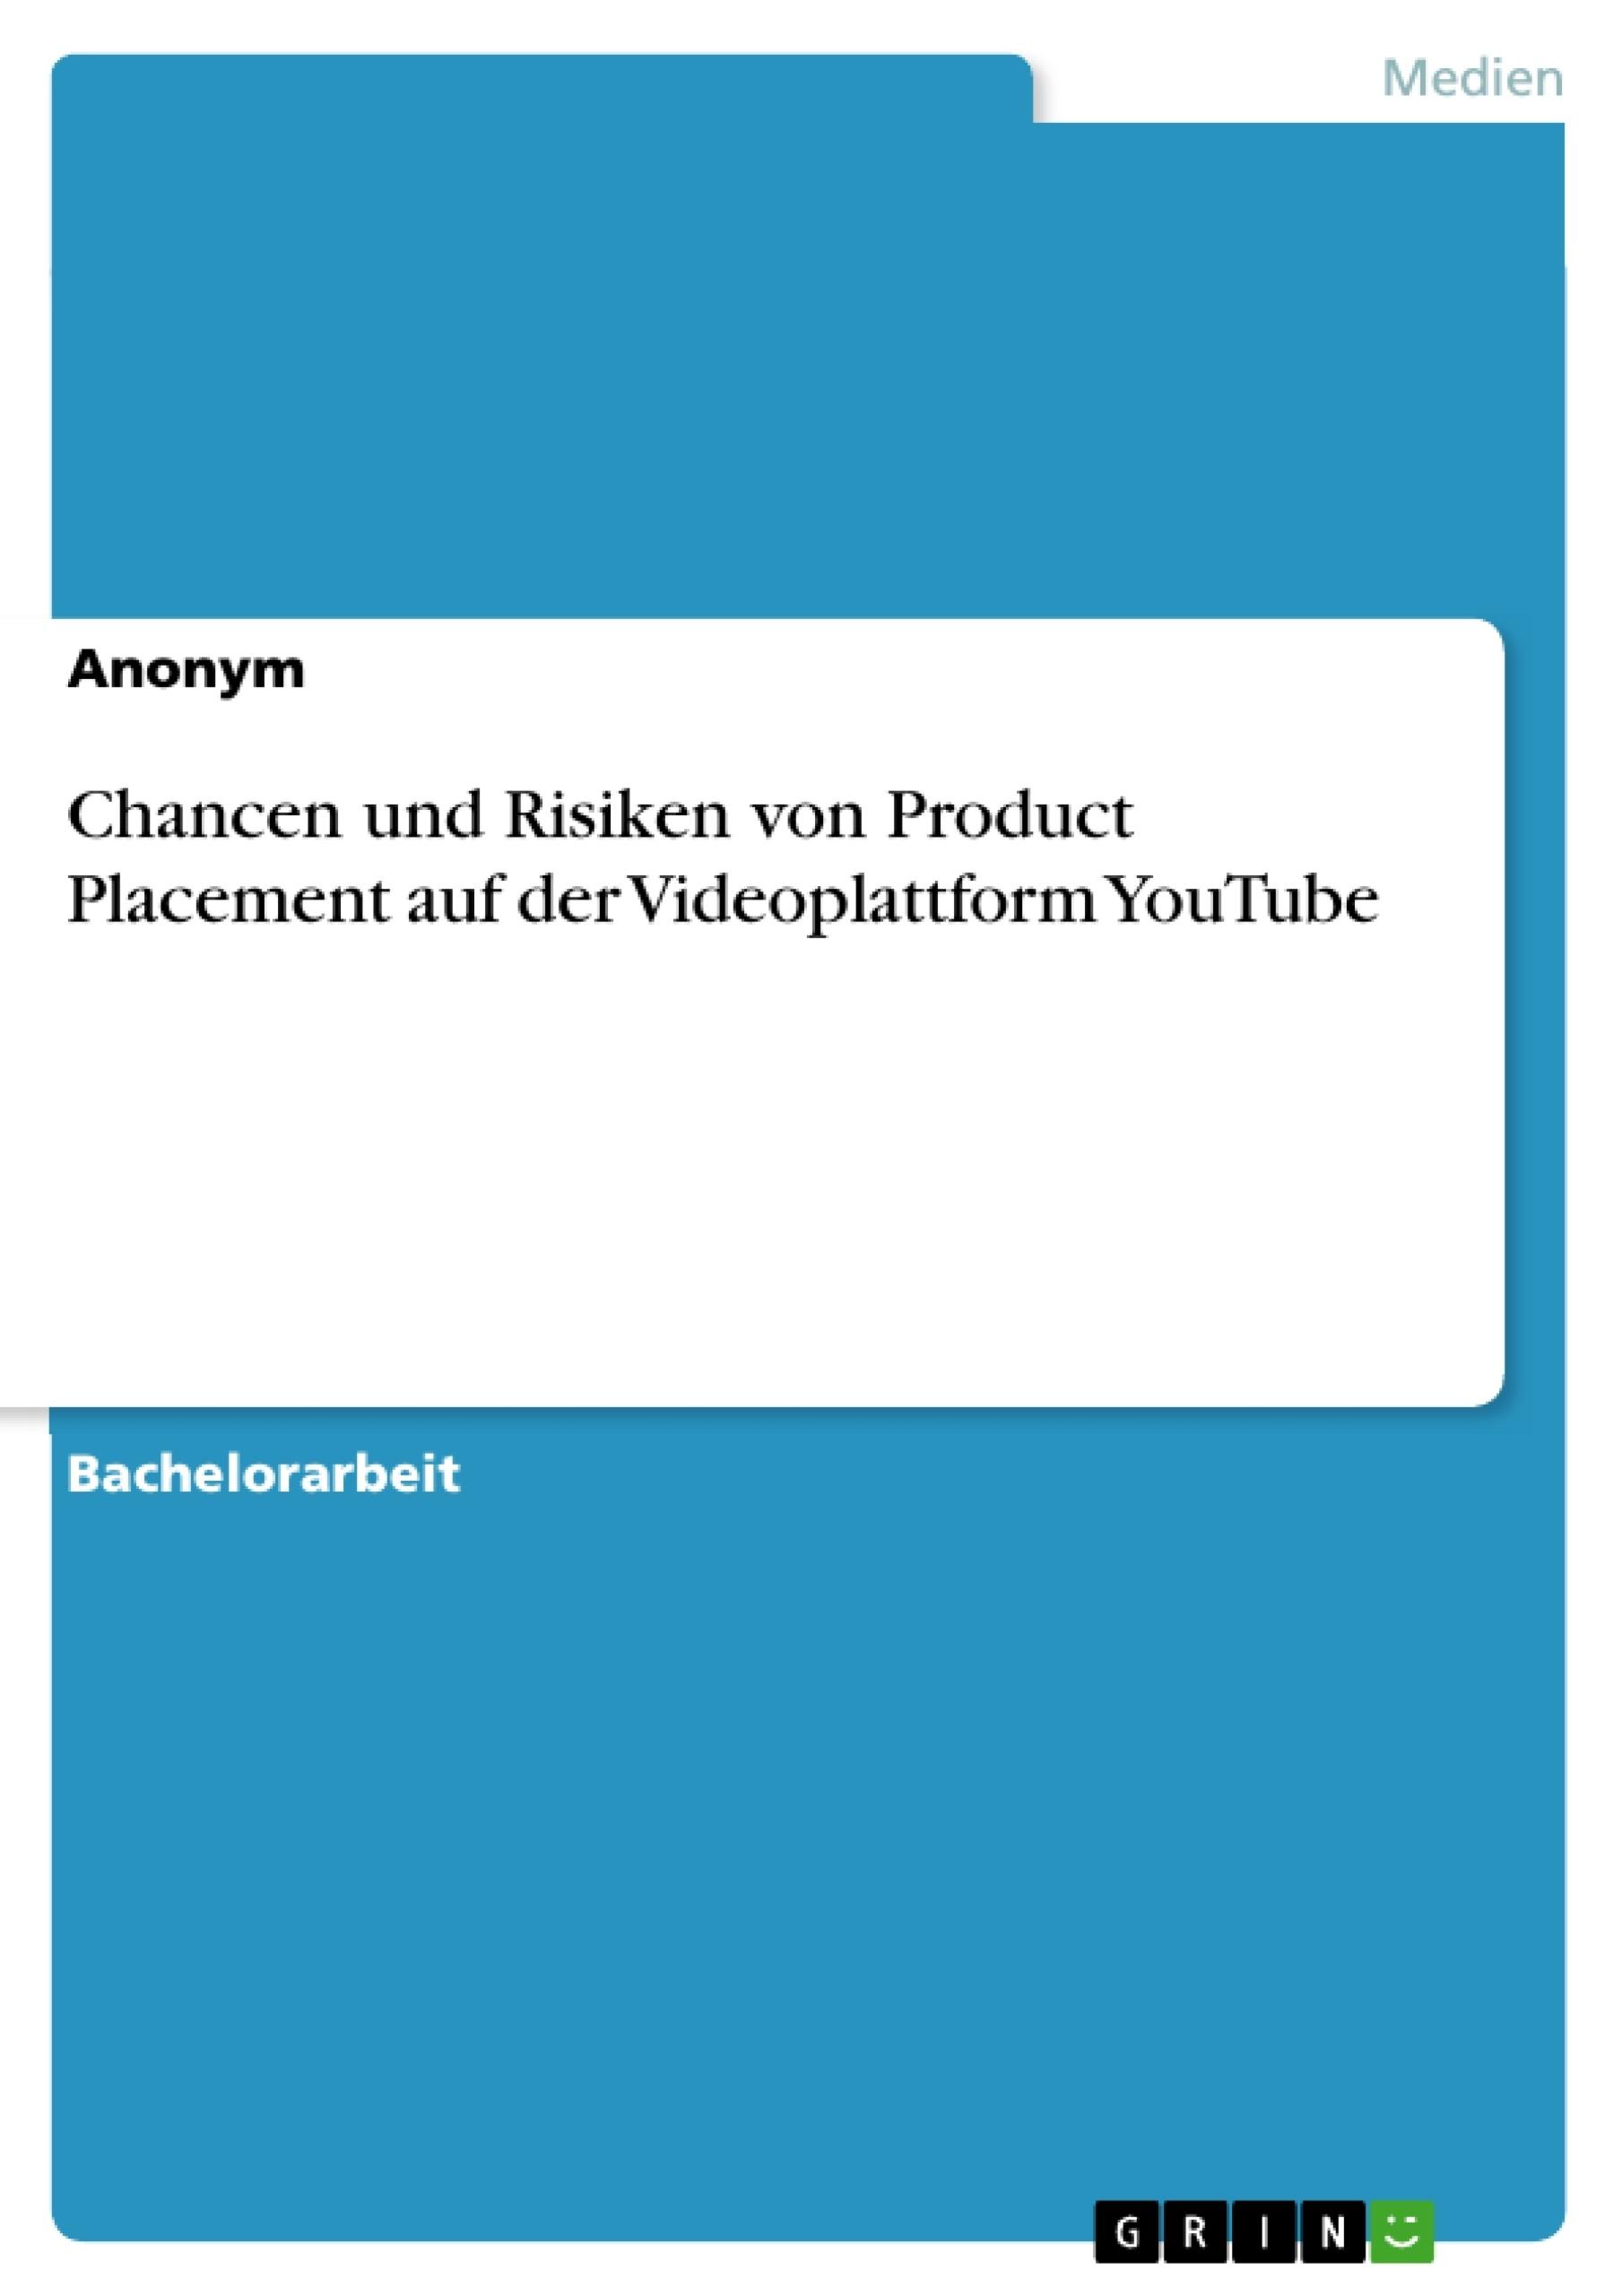 Titel: Chancen und Risiken von Product Placement auf der  Videoplattform YouTube